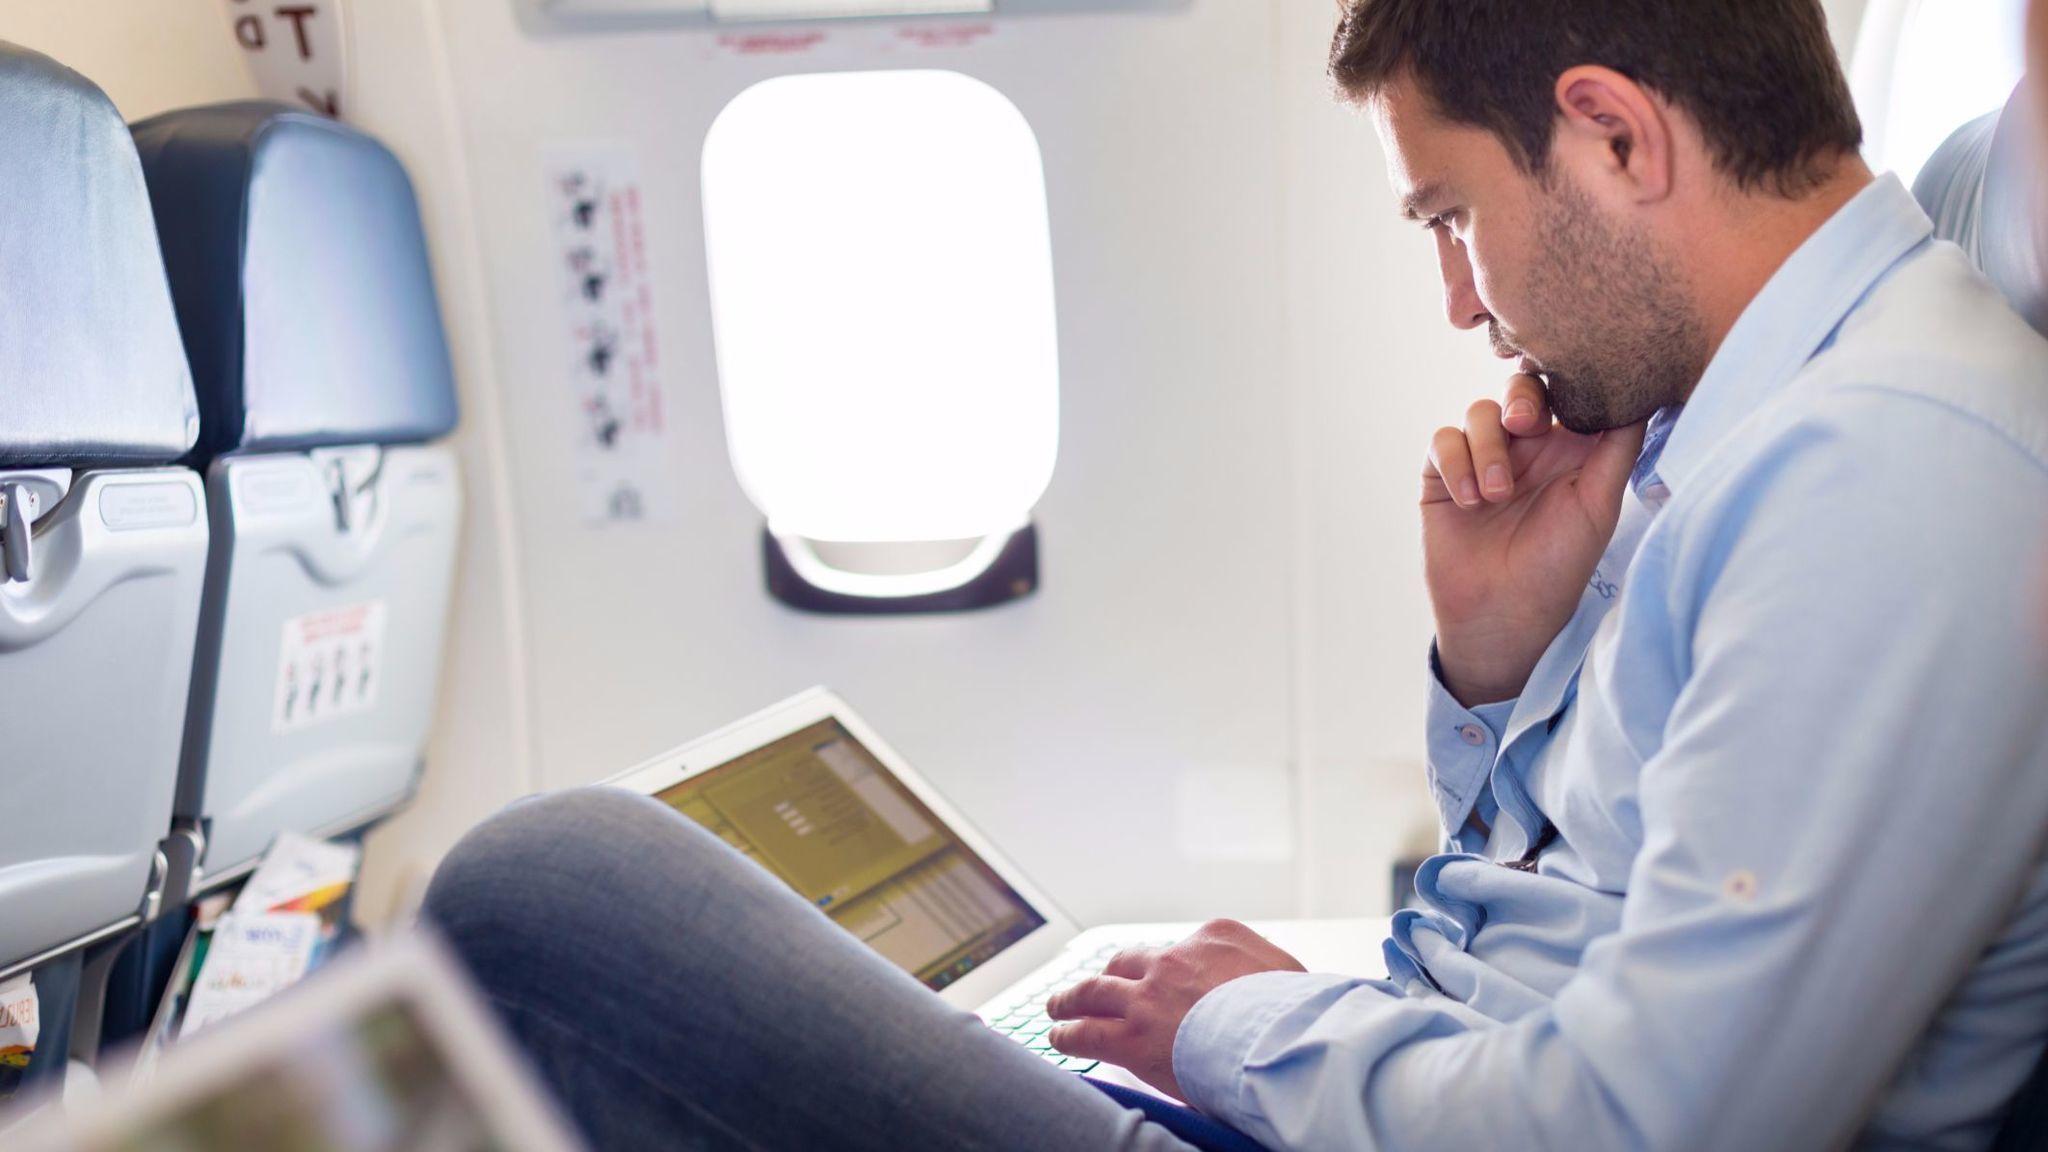 la-fi-travel-briefcase-wifi-on-planes-20170713